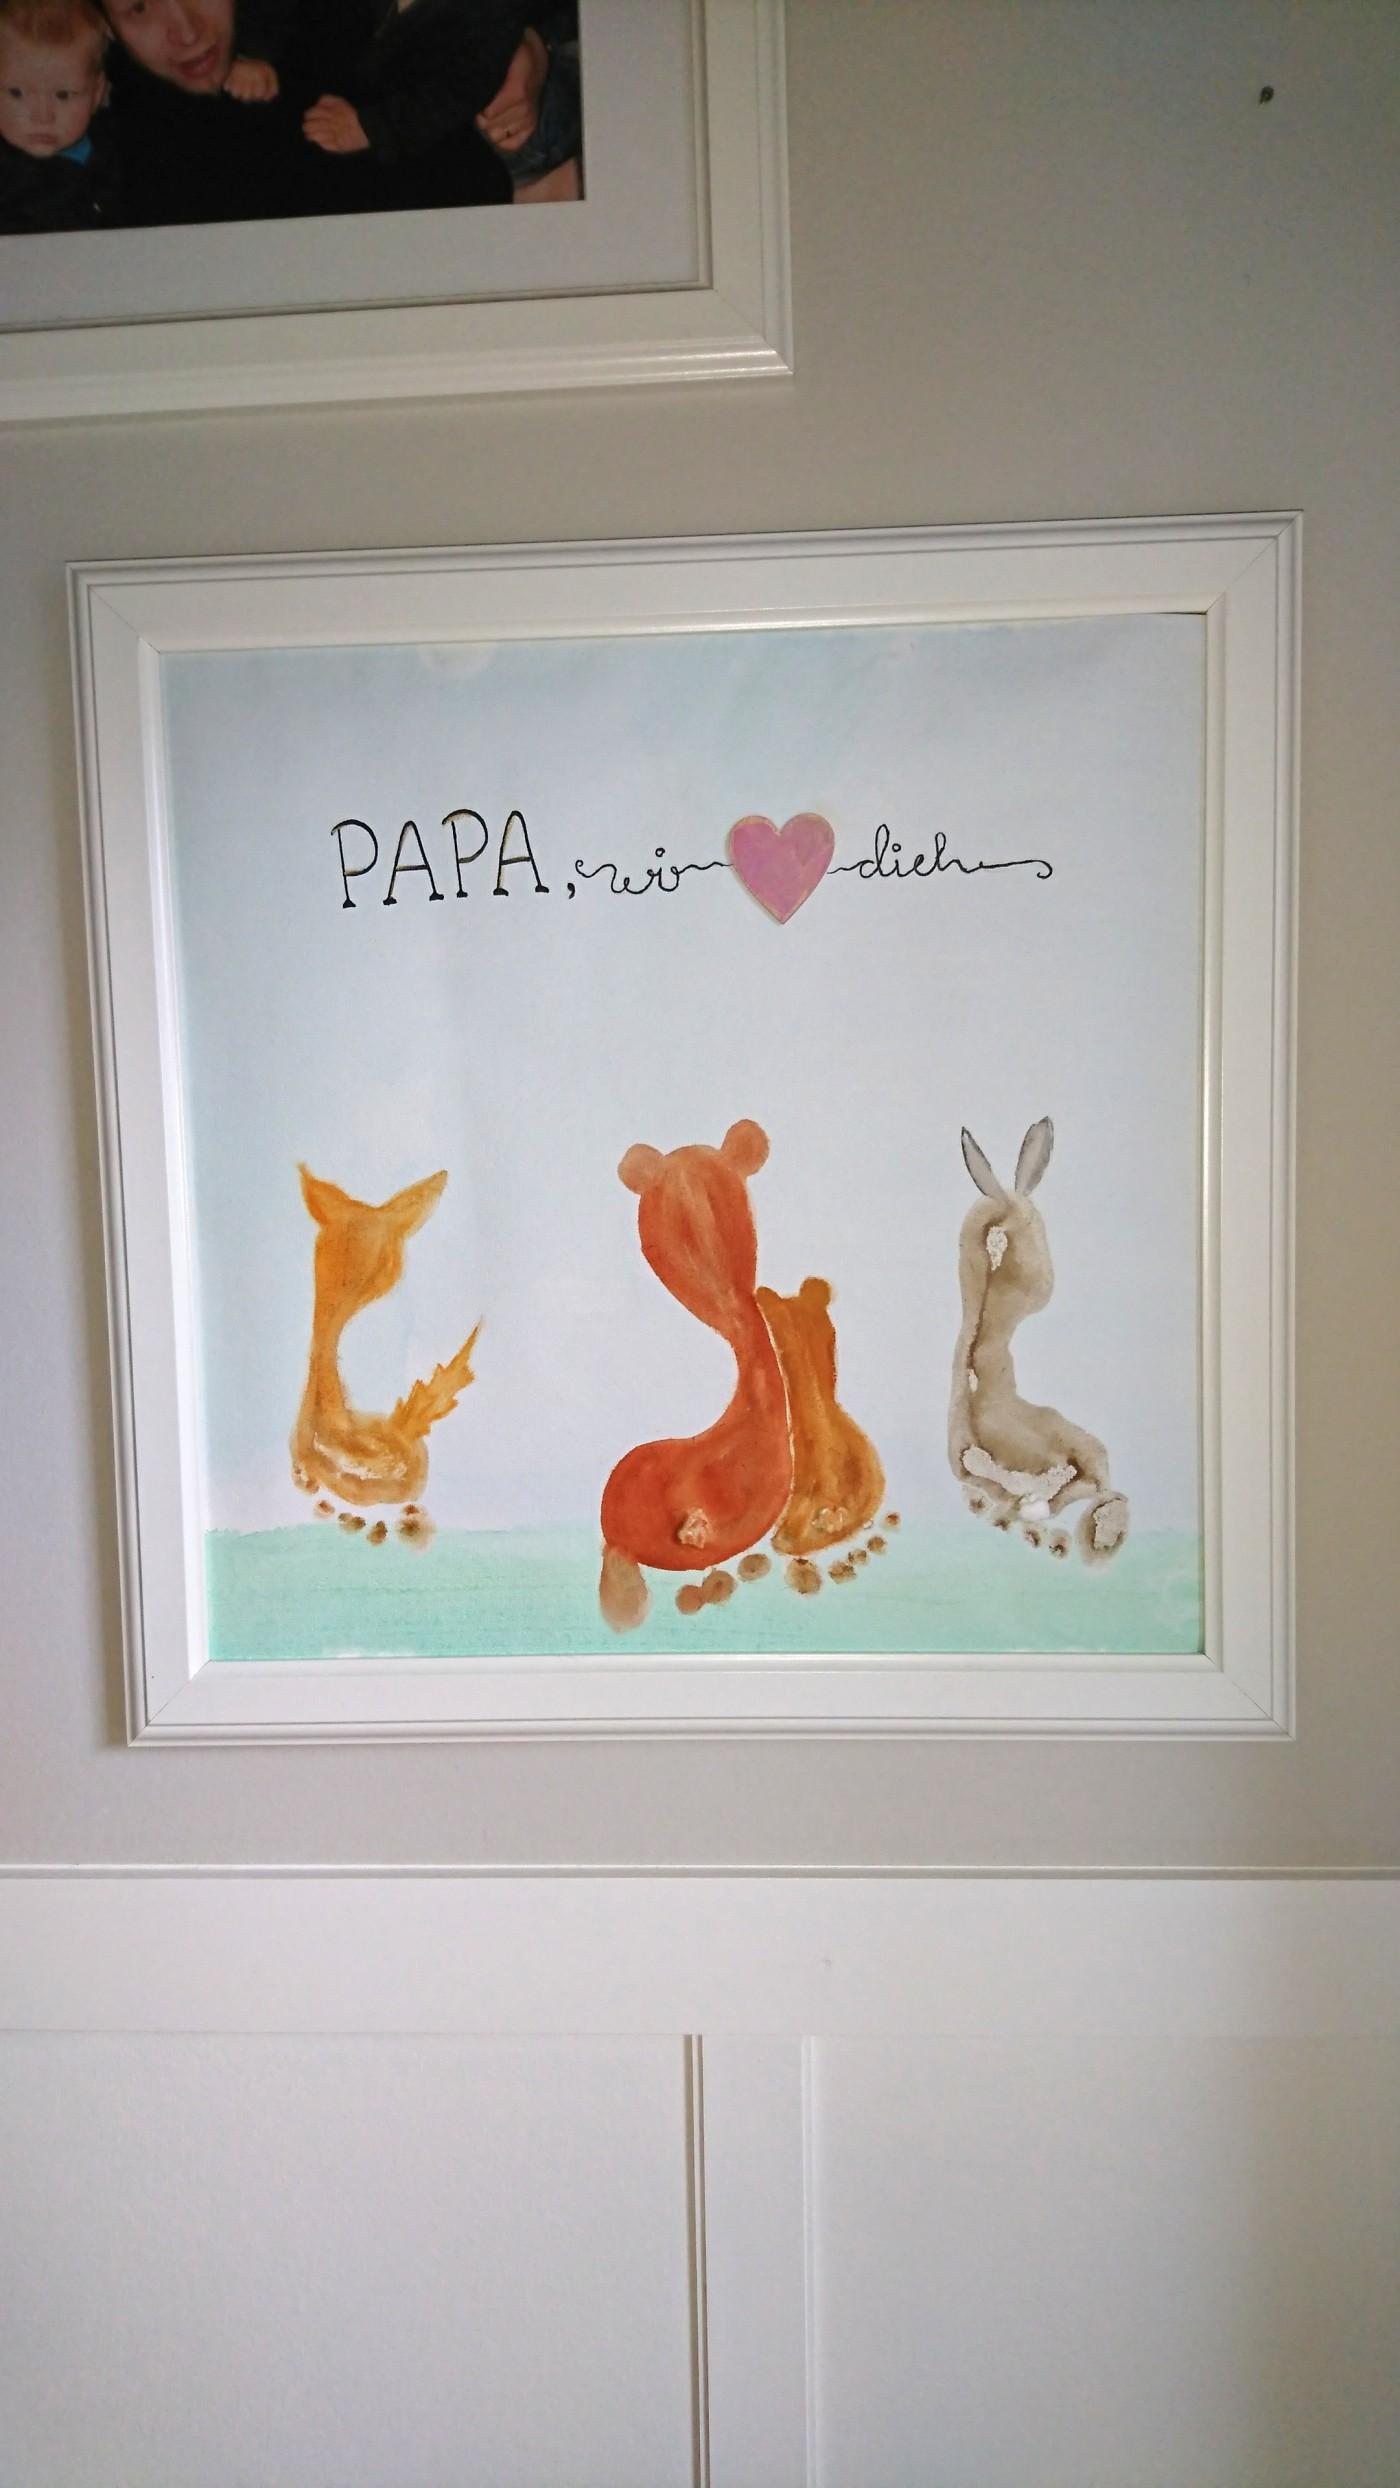 papa wir lieben dich vatertagsgeschenk frau praktisch. Black Bedroom Furniture Sets. Home Design Ideas